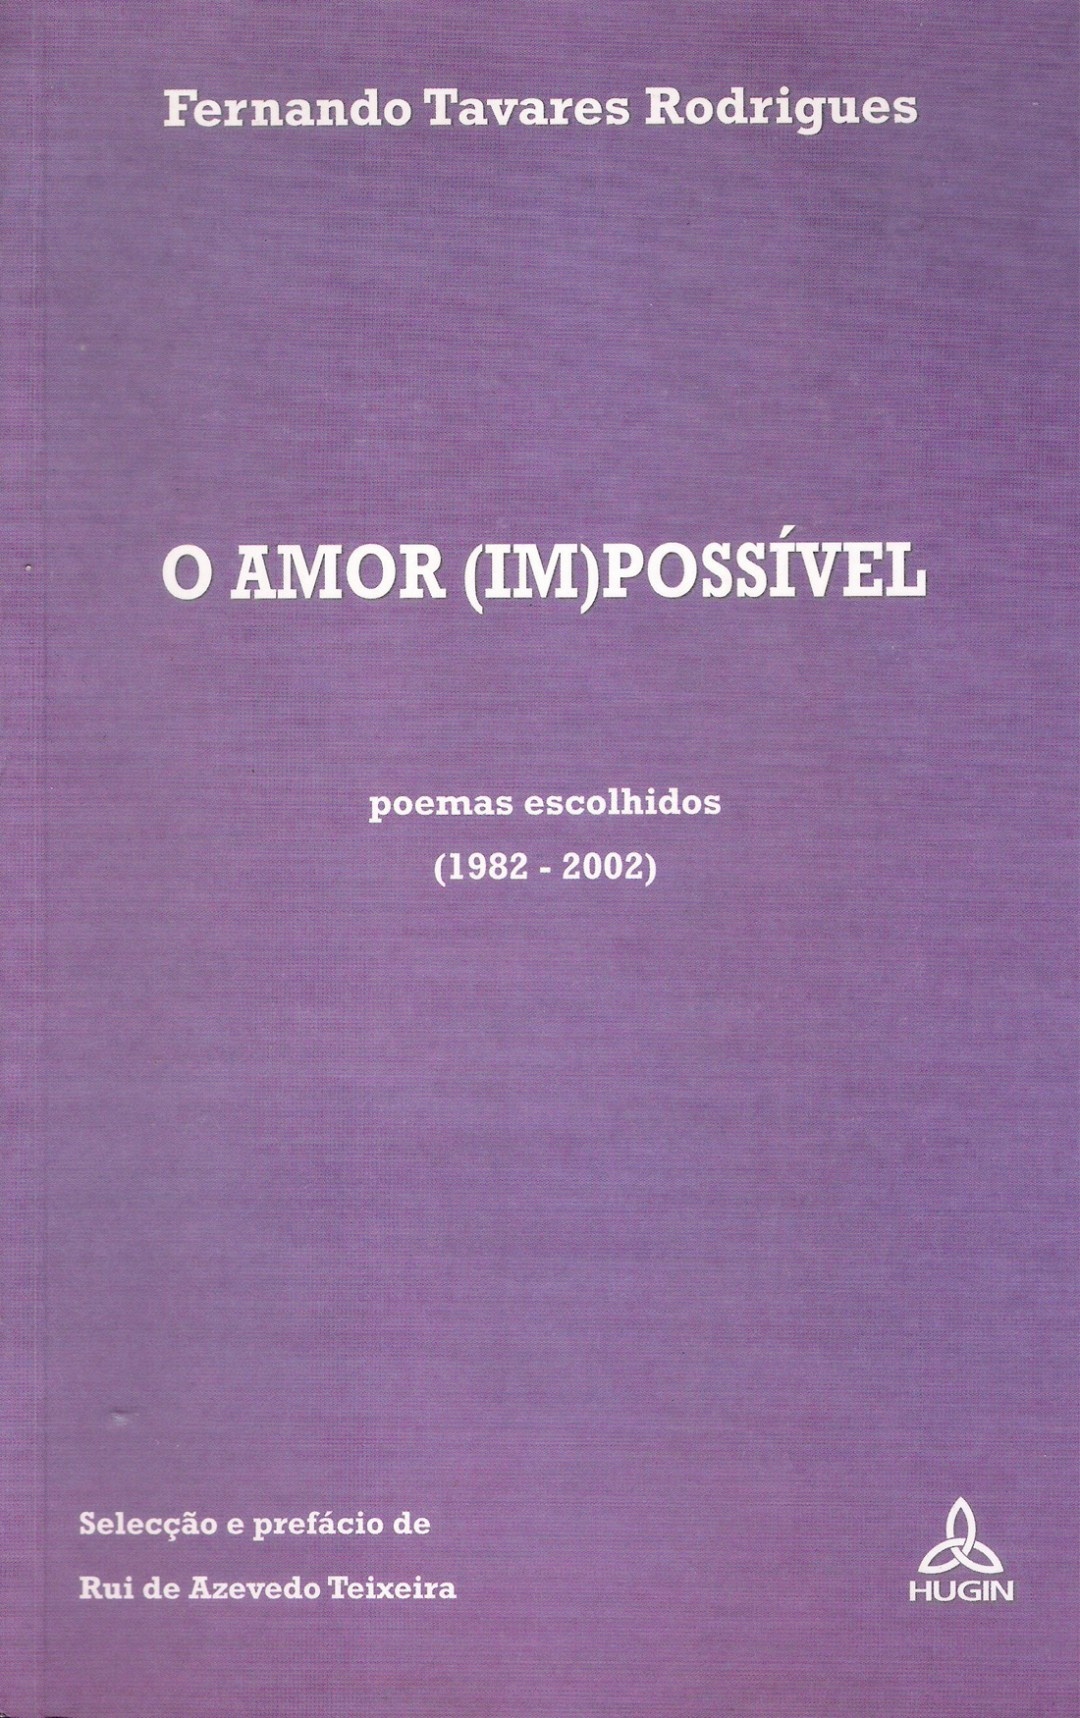 3. O Amor (Im)possível